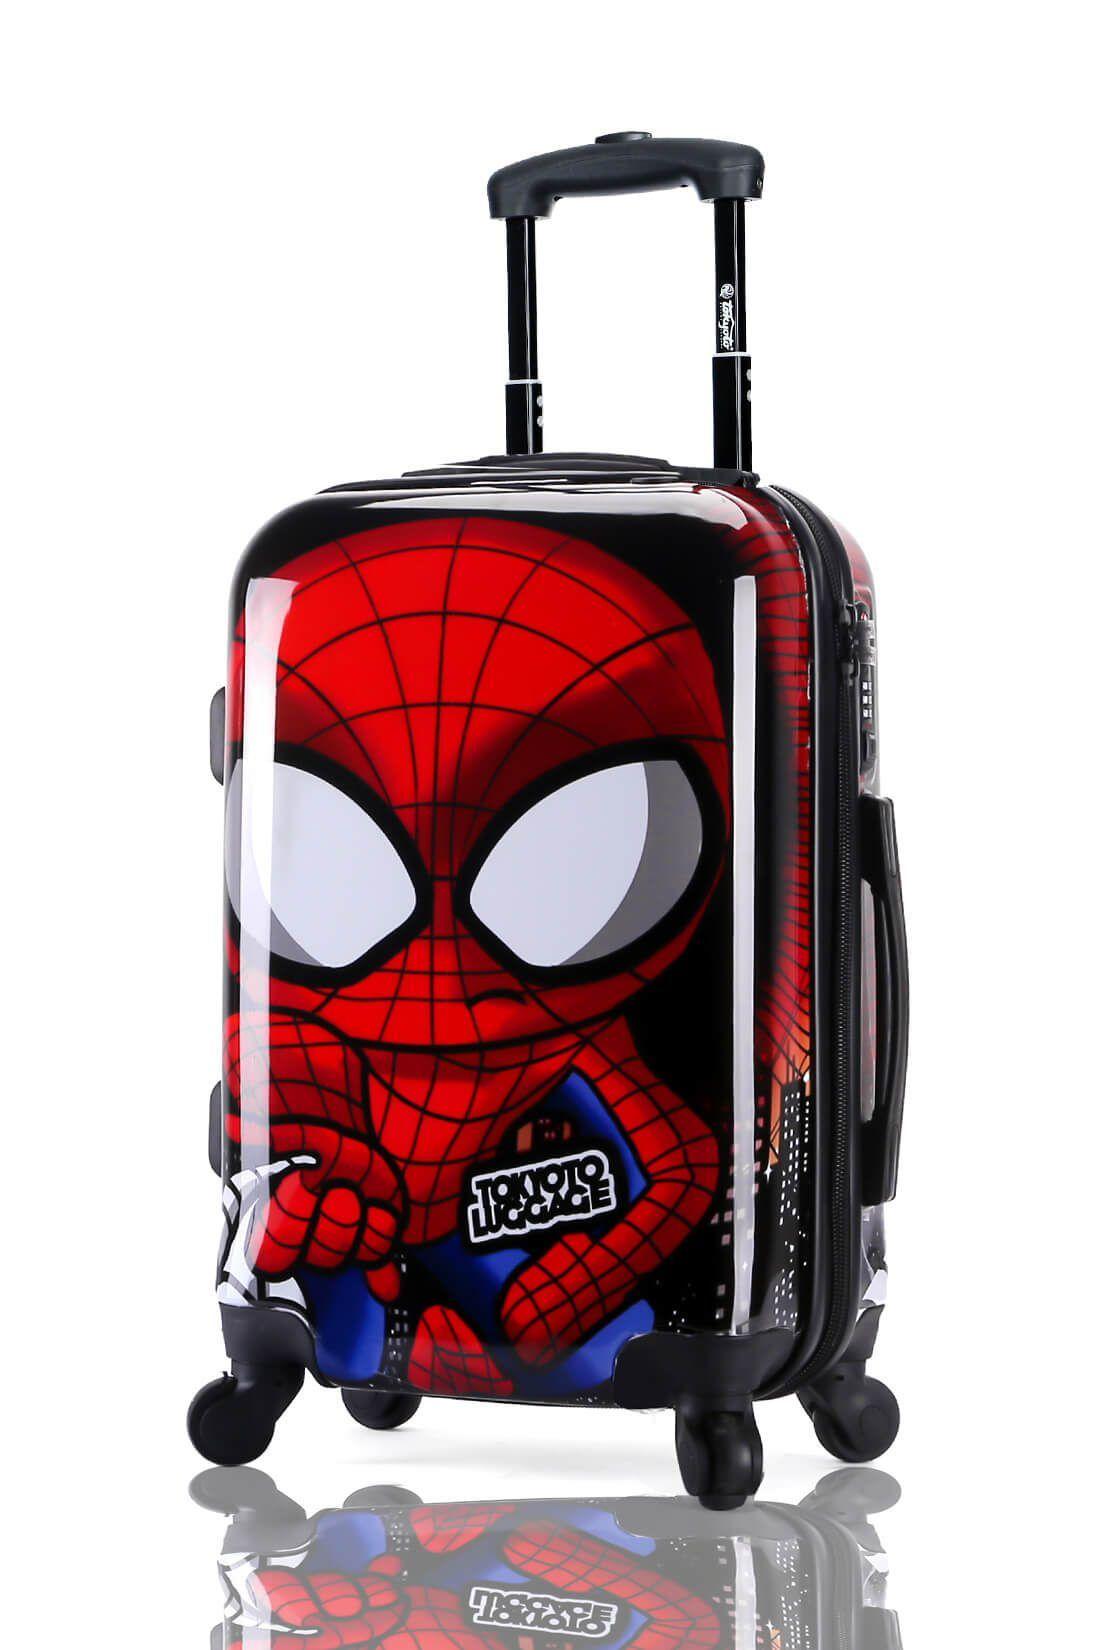 Handgepäck, Easyjet Kabinentrolley Gepäck Ryanair Handgepäck Leichtgepäck TOKYOTO LUGGAGE SPIDER BOY 5